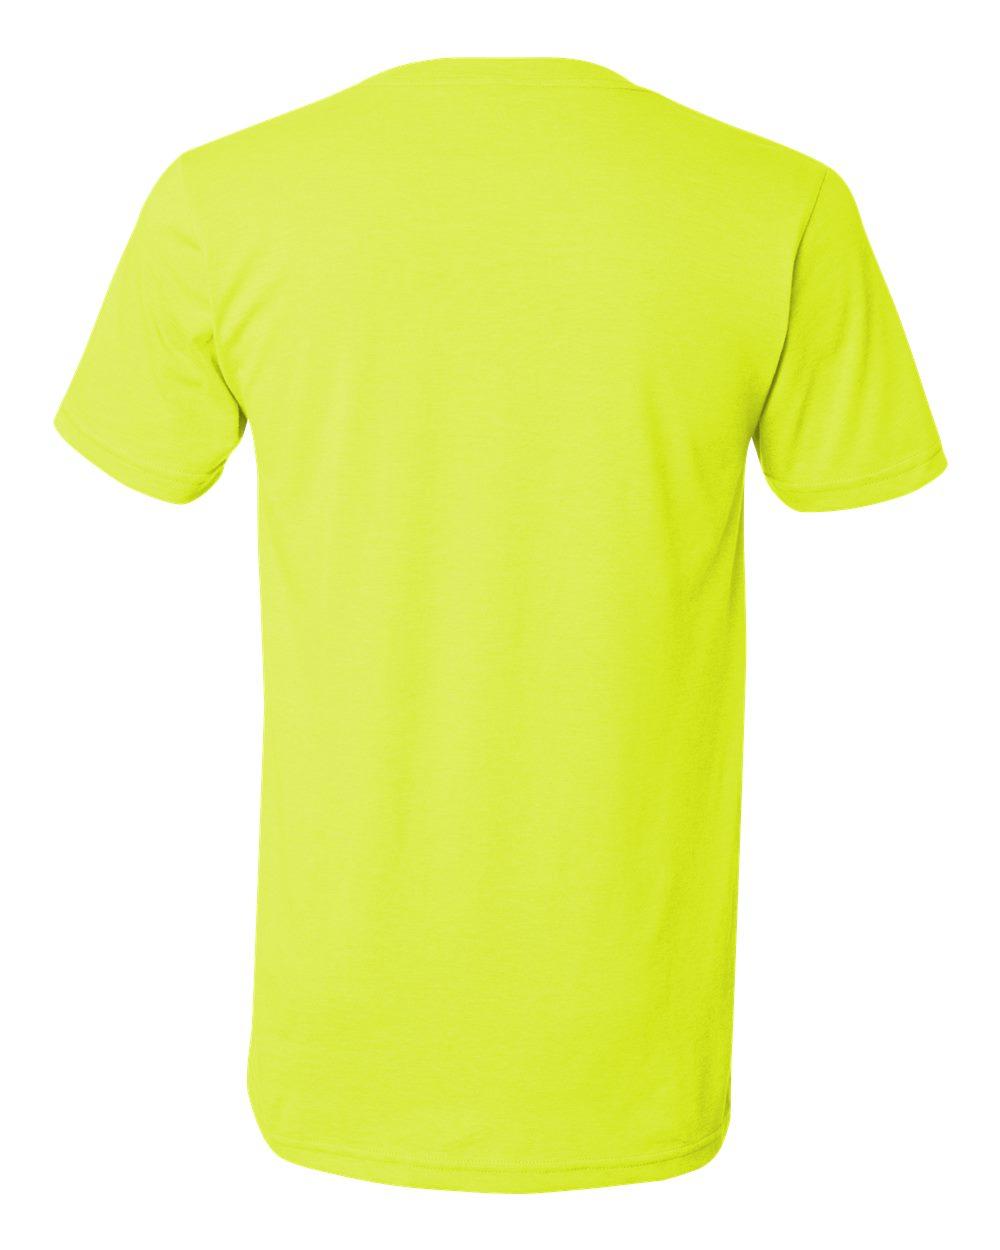 Bella-Canvas-Men-039-s-Jersey-Short-Sleeve-V-Neck-T-Shirt-3005-XS-3XL thumbnail 16